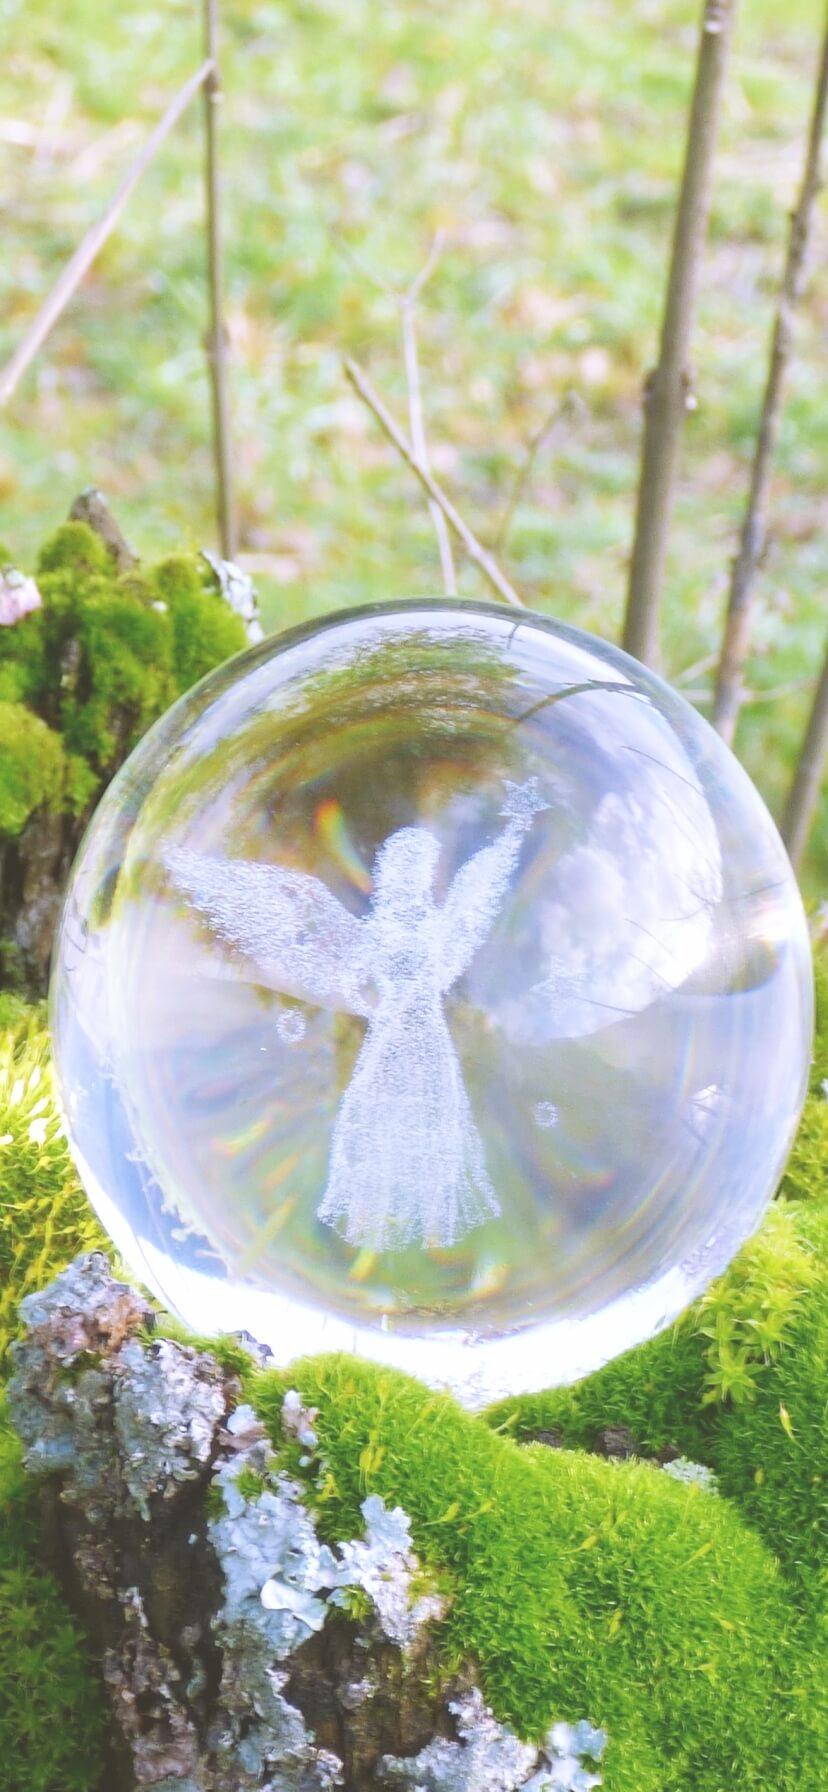 透明な球体の中の天使